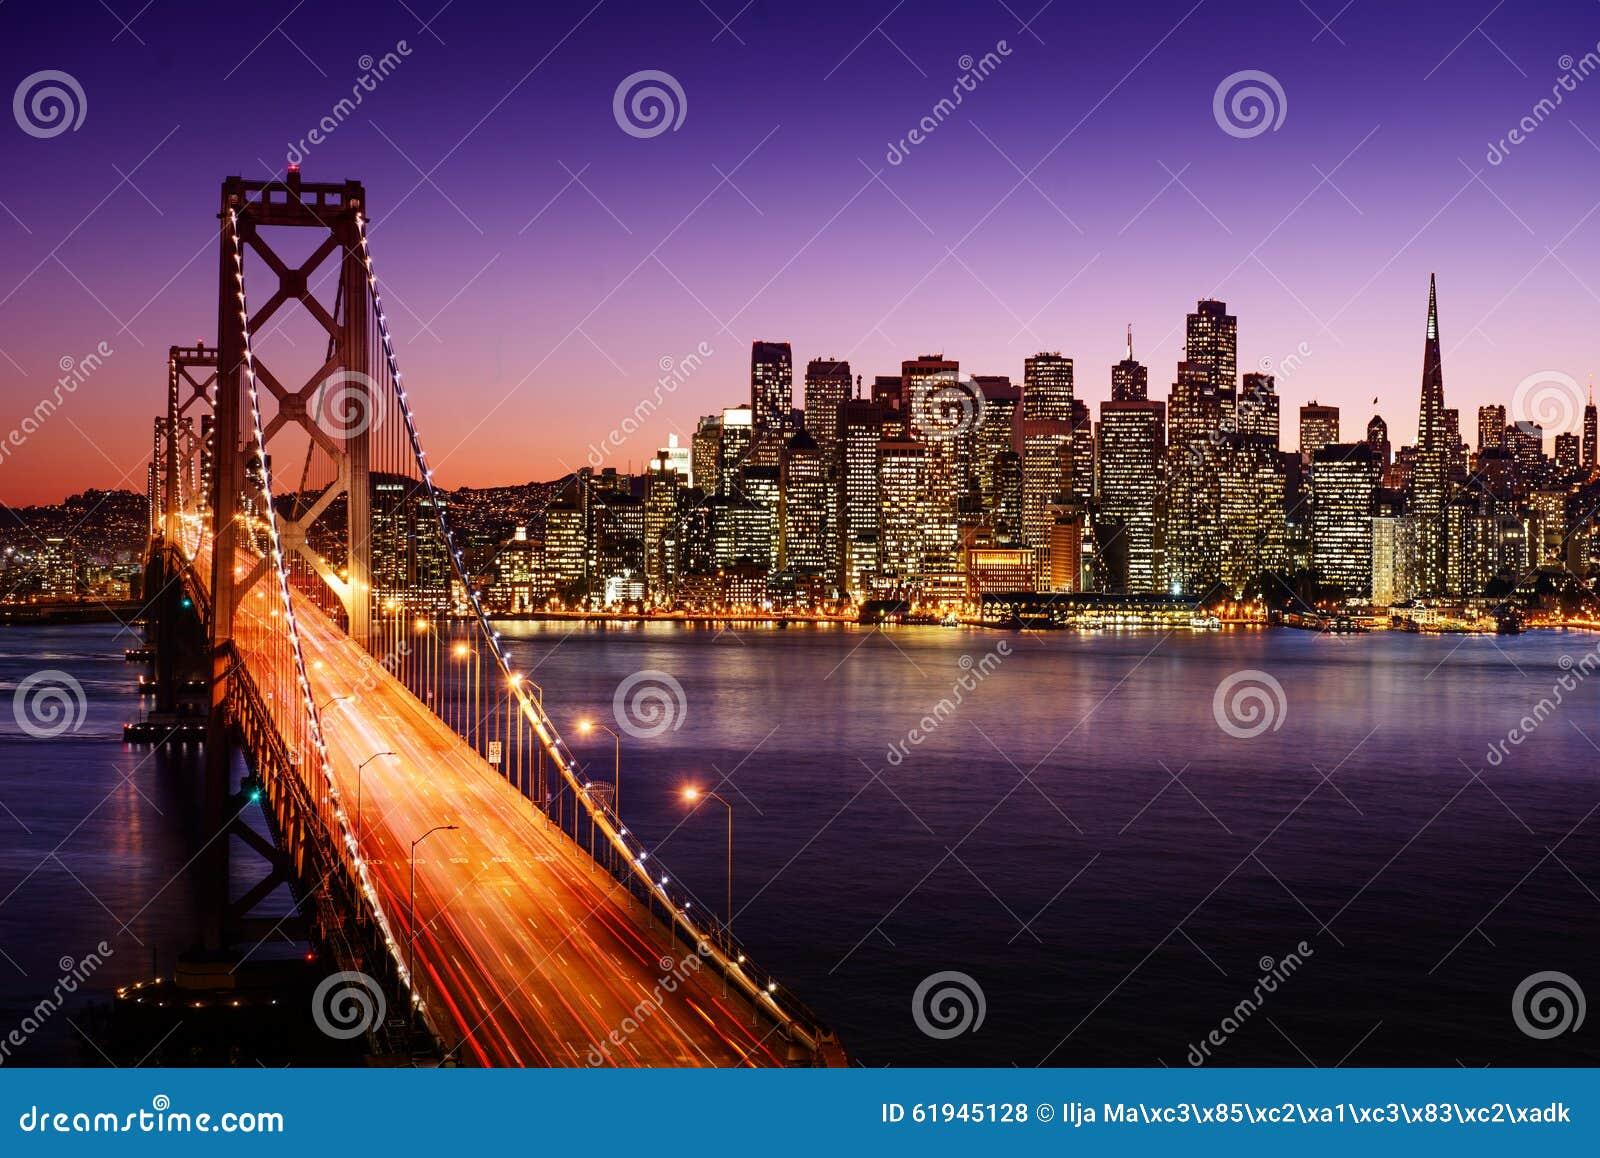 San Francisco-Skyline und Bucht-Brücke bei Sonnenuntergang, Kalifornien